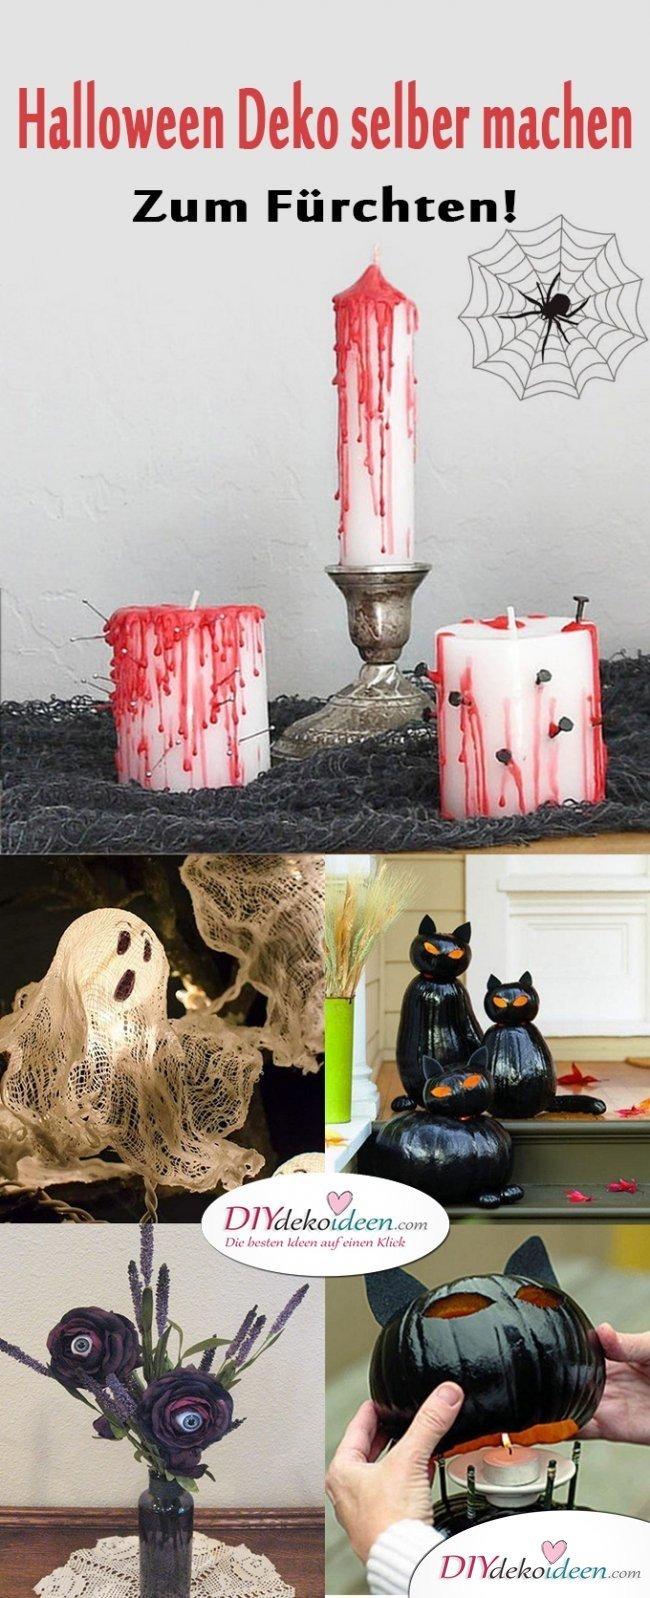 Schrecklich gruselige Halloween Deko selber machen - DIY Bastelideen zu Halloween